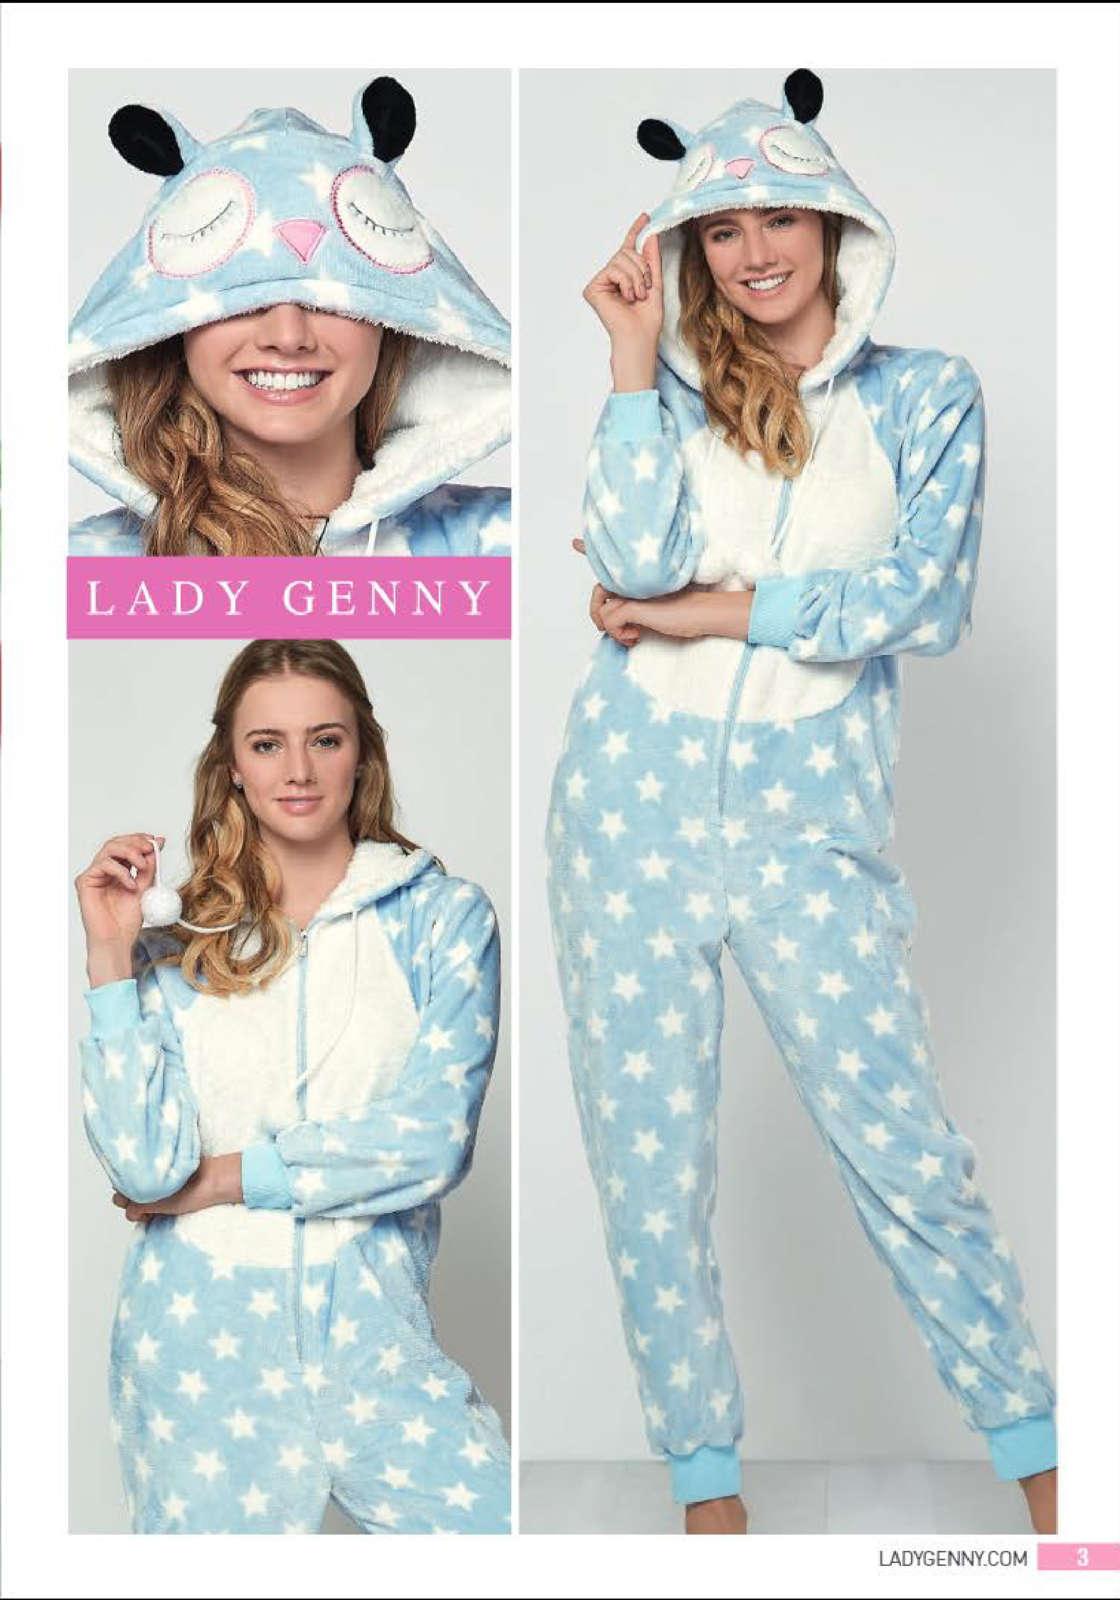 bd3f46fe3 Tiendas Lady Genny - Horarios